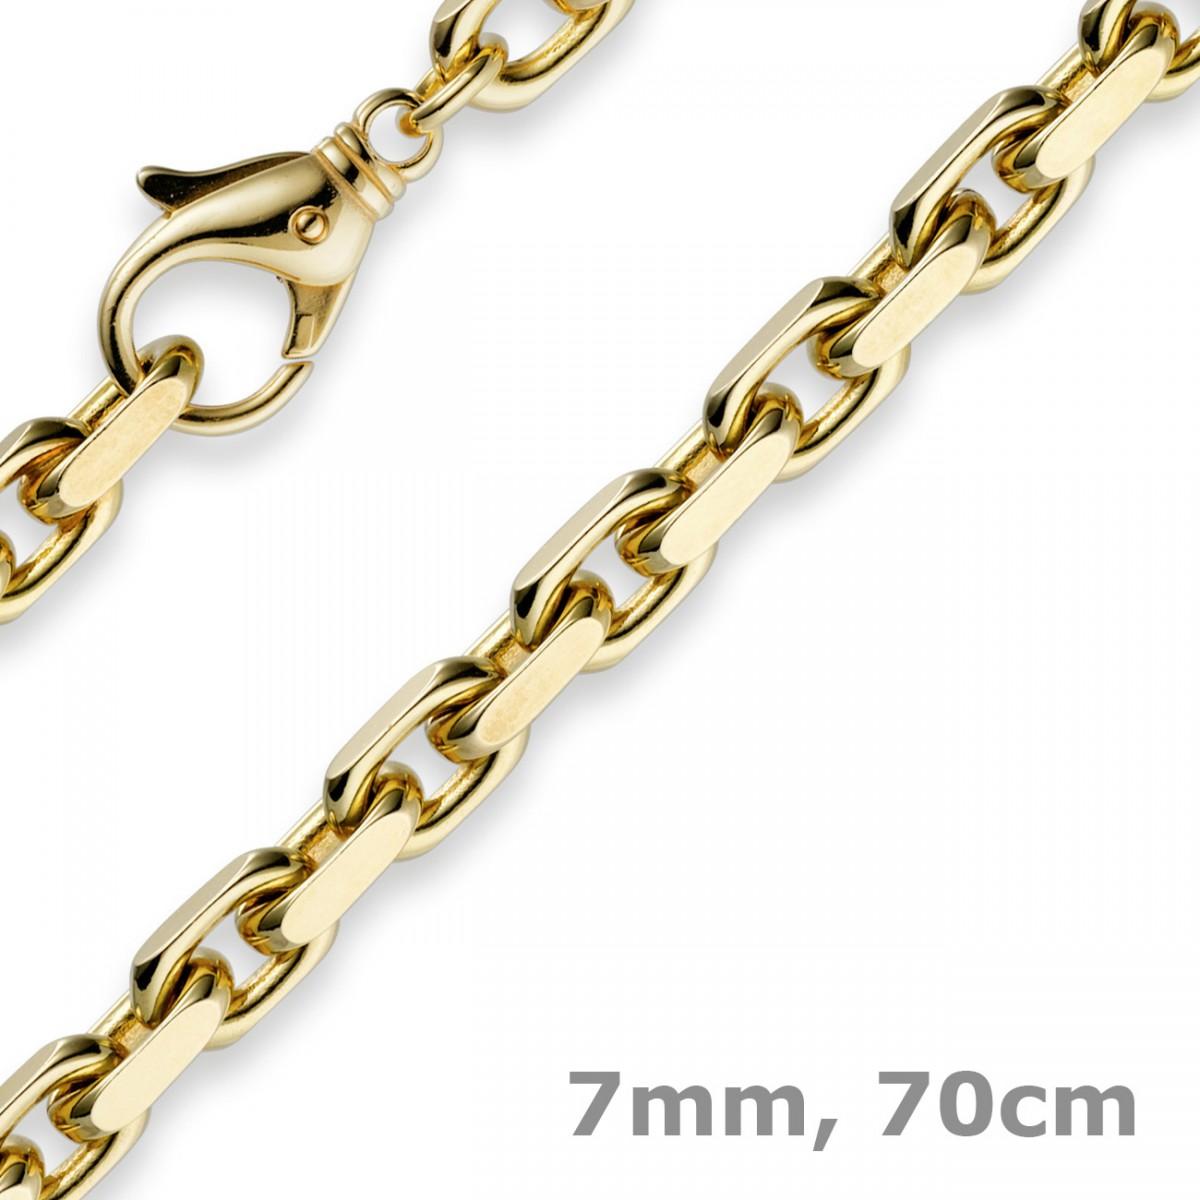 Kette gelbgold  7mm Kette Collier Ankerkette aus 585 Gold Gelbgold, 70cm, für Herren